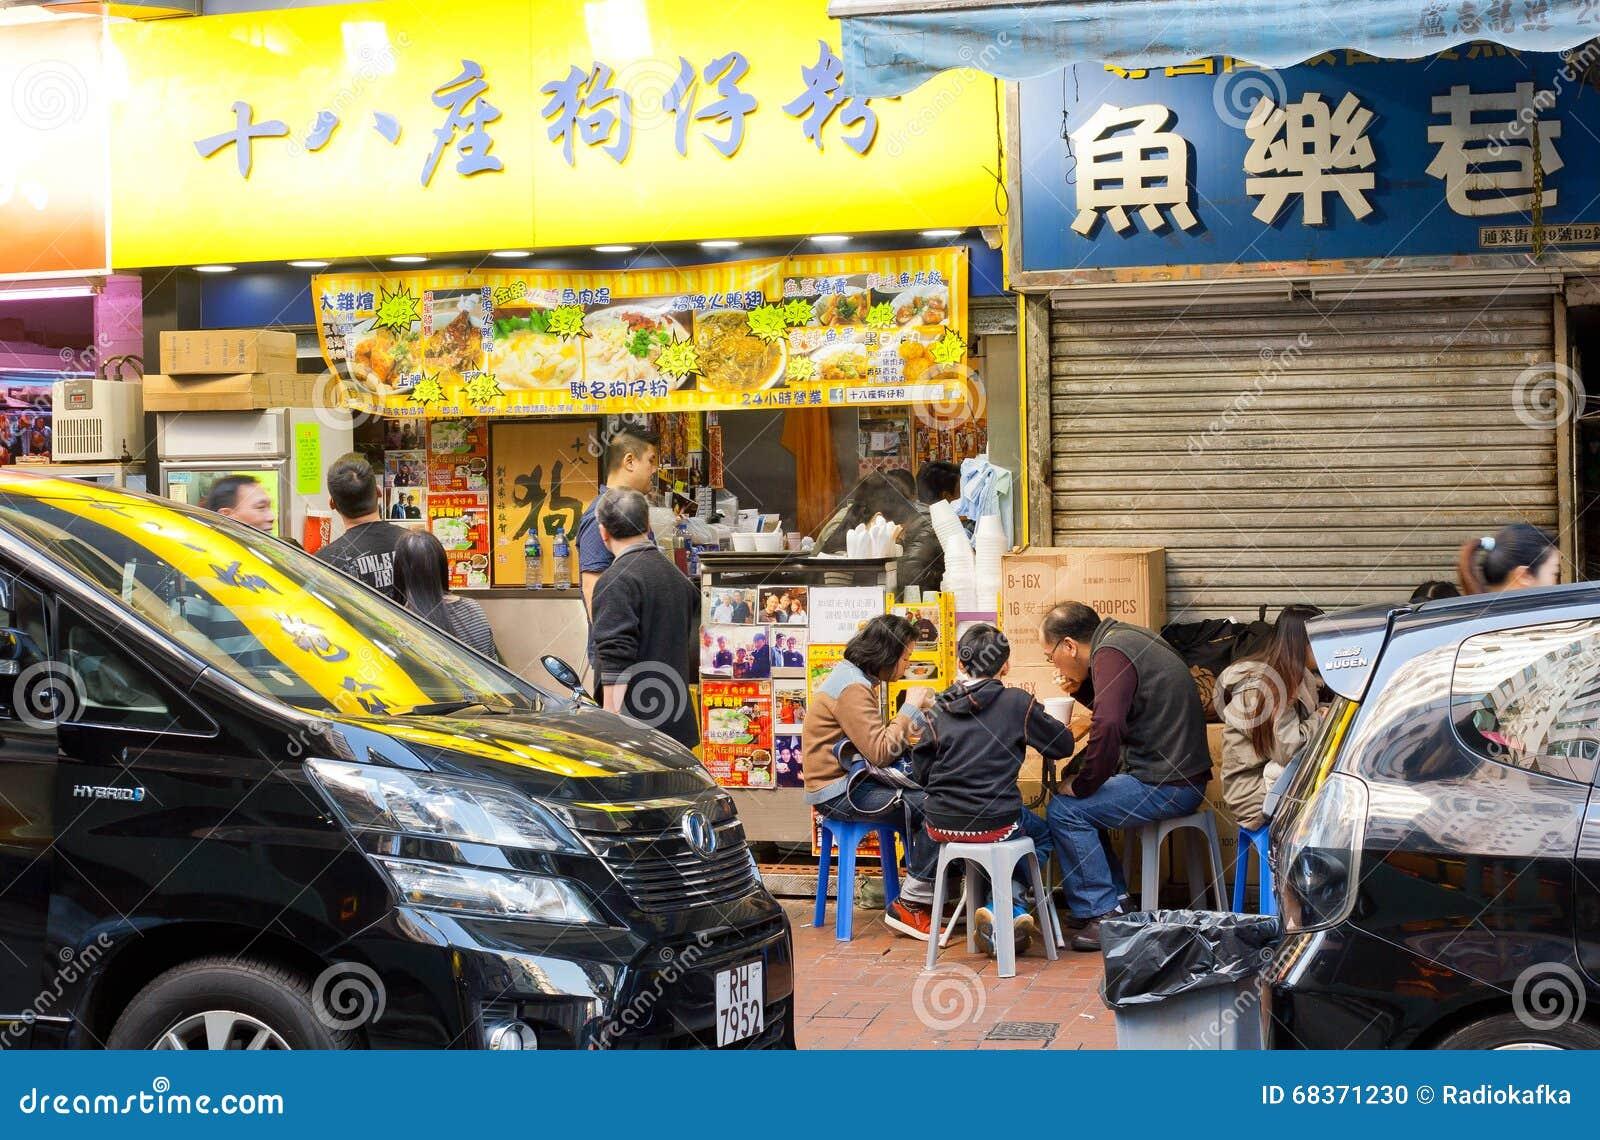 Familjen Har Matställen I Liten Kinesisk Snabbmatsrestaurang Med Den